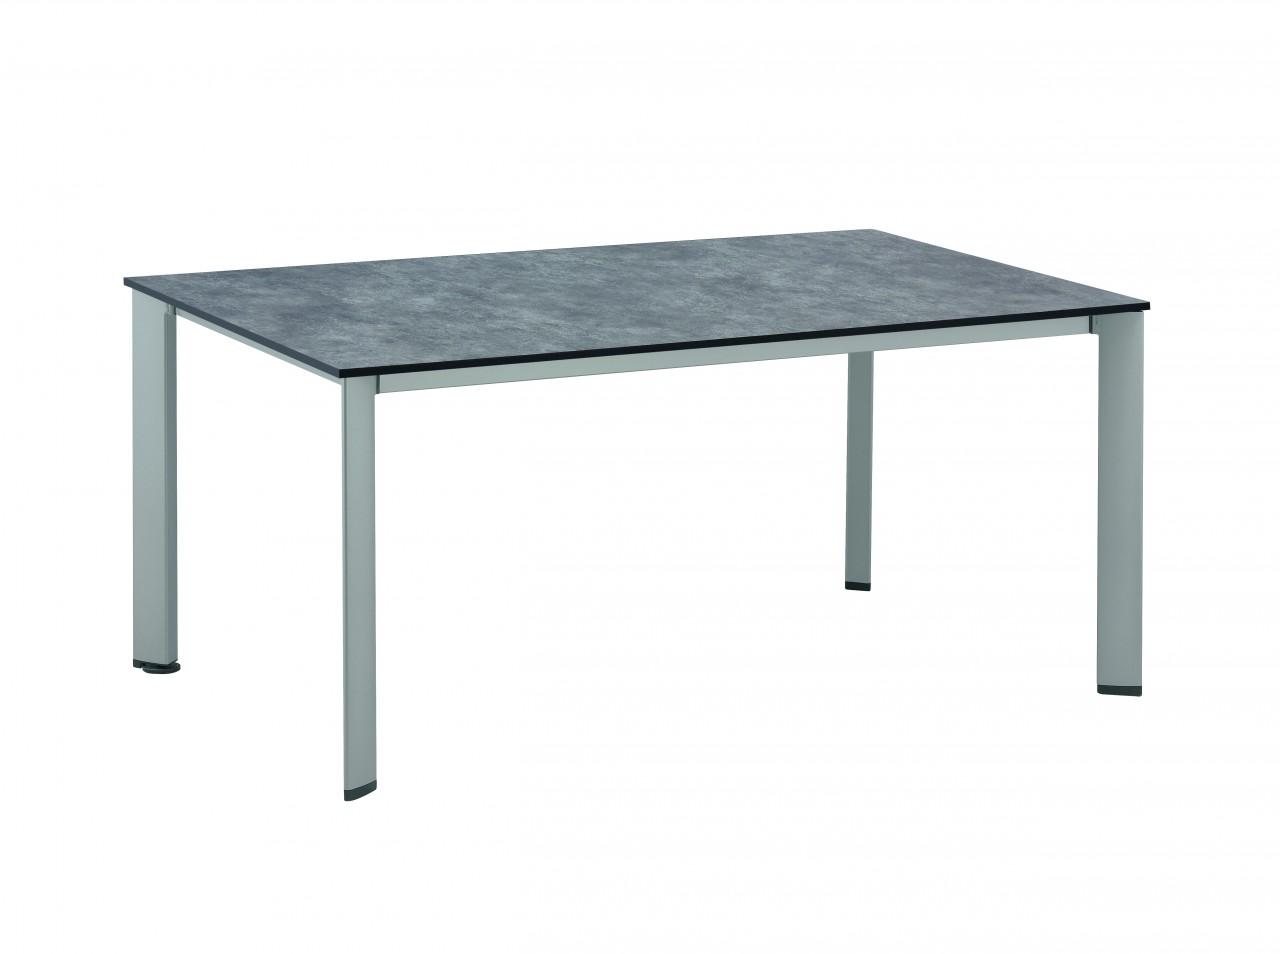 Gartentisch HPL DINING Tisch 160x95 cm silber/antrazit